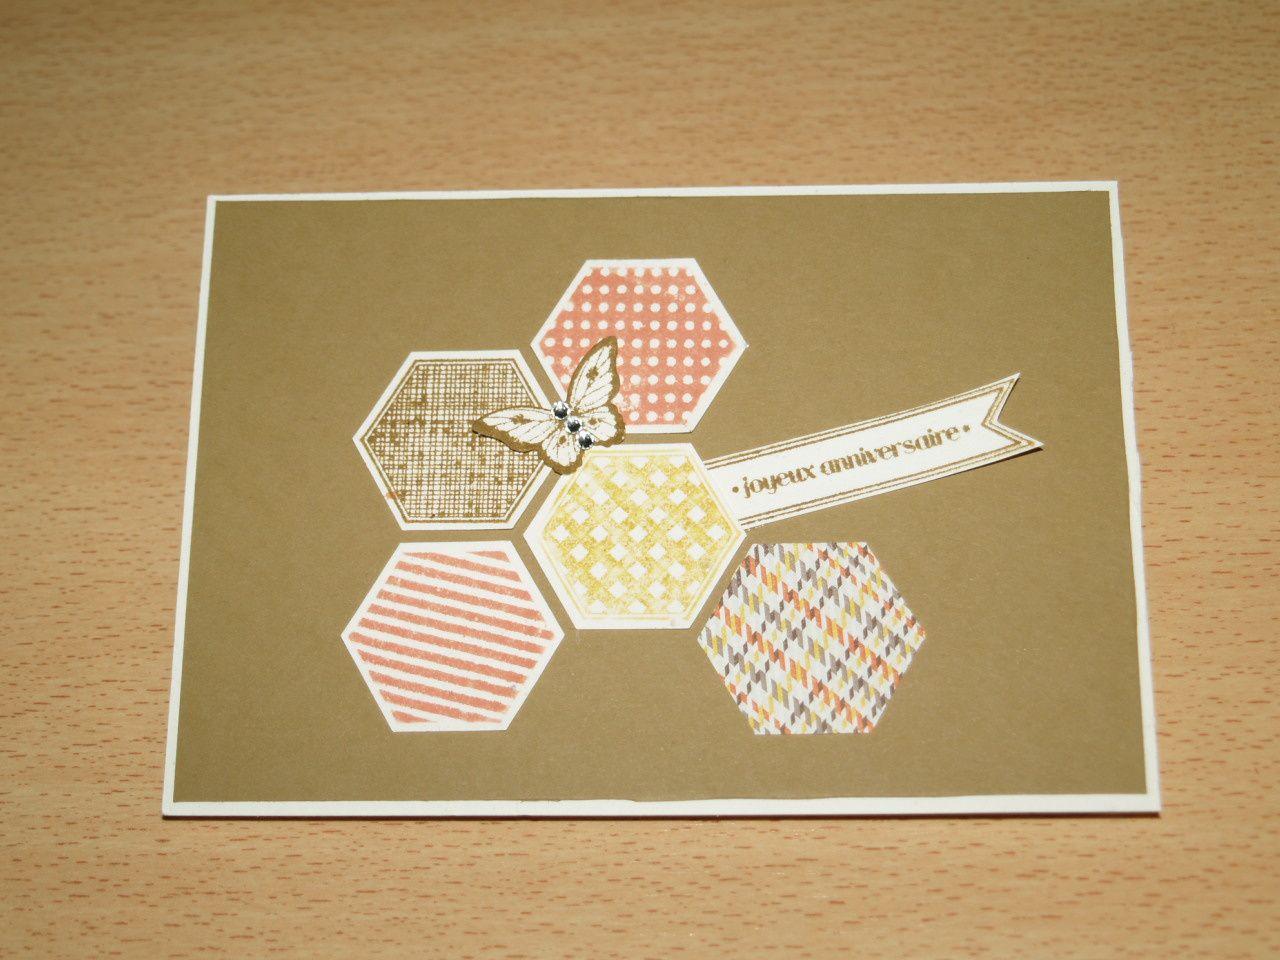 Set de tampon Six-Sidded Sampler et papillon potpourri&#x3B; encreurs in color 2013-15&#x3B; perforatrices hexagone et papillon Bitty.